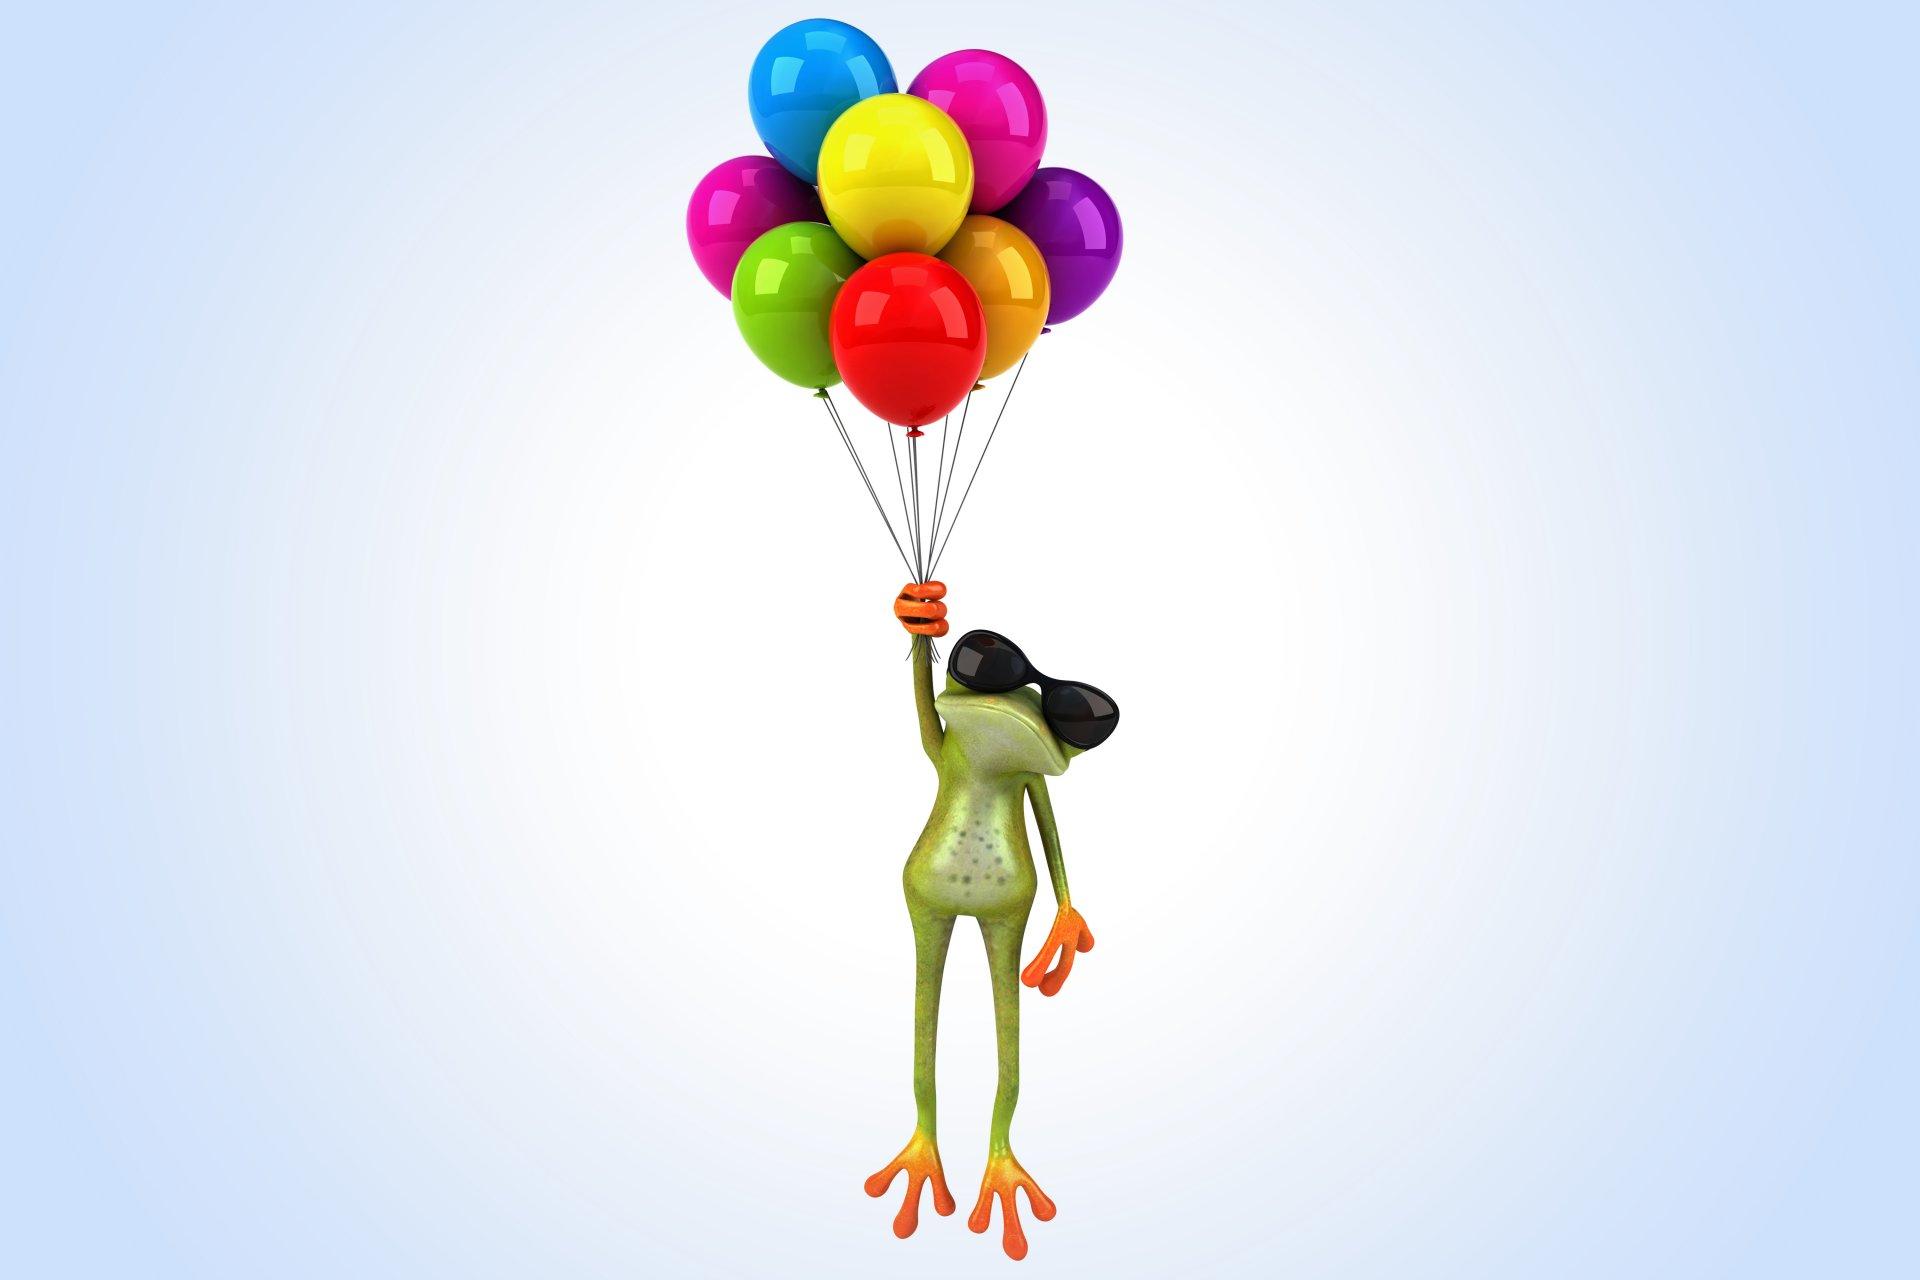 Прикольные картинки с шариками на день рождения